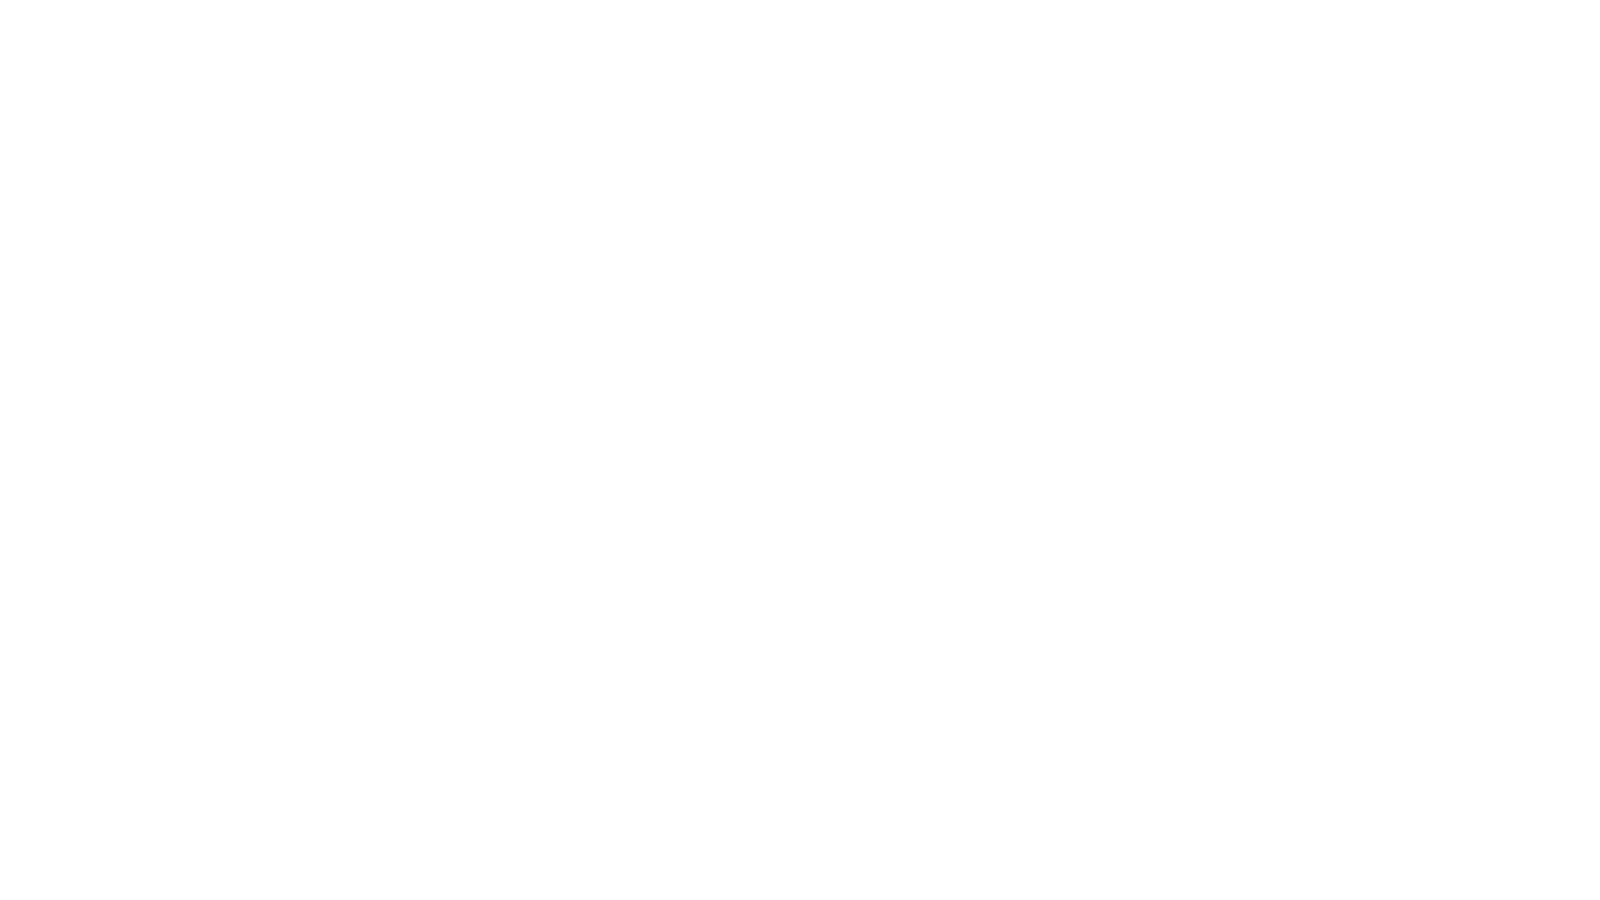 """Willkommen in Gottes Wohnzimmer -  willkommen zuhause!  Gottesdienst mit ganz viel Trost aus der Zuhausekirche Bremerhaven mit Pastor Christopher Schlicht, Pastor Maximilian Bode, und Musik von Vivian Glade, der Social Soul Band und den Glademakers - zum Mitsingen!  Ihr braucht mehr? Checkt kopp-hoch.de - Wir bleiben miteinander auf dem Weg!  """"Das Lied mit den Sternen"""" von und mit Vivian Glade findet ihr auf https://www.youtube.com/c/kopphoch  Mehr auch auf Instagram unter @emmausgemeinde  Webseite:  zuhausekirche.de #norderlesen #feelbremerhaven #feelbremerhaven_influencer #digitalekirche #kopphoch ---------------------------------------------------------------------- SPENDEN an den  Evangelischen Kirchenkreis Bremerhaven: IBAN: DE14 2925 0000 0004 0005 60 BIC-/SWIFT-Code: BRLADE21BRS Verwendungszweck: 6951 Emmausgemeinde Streaming"""